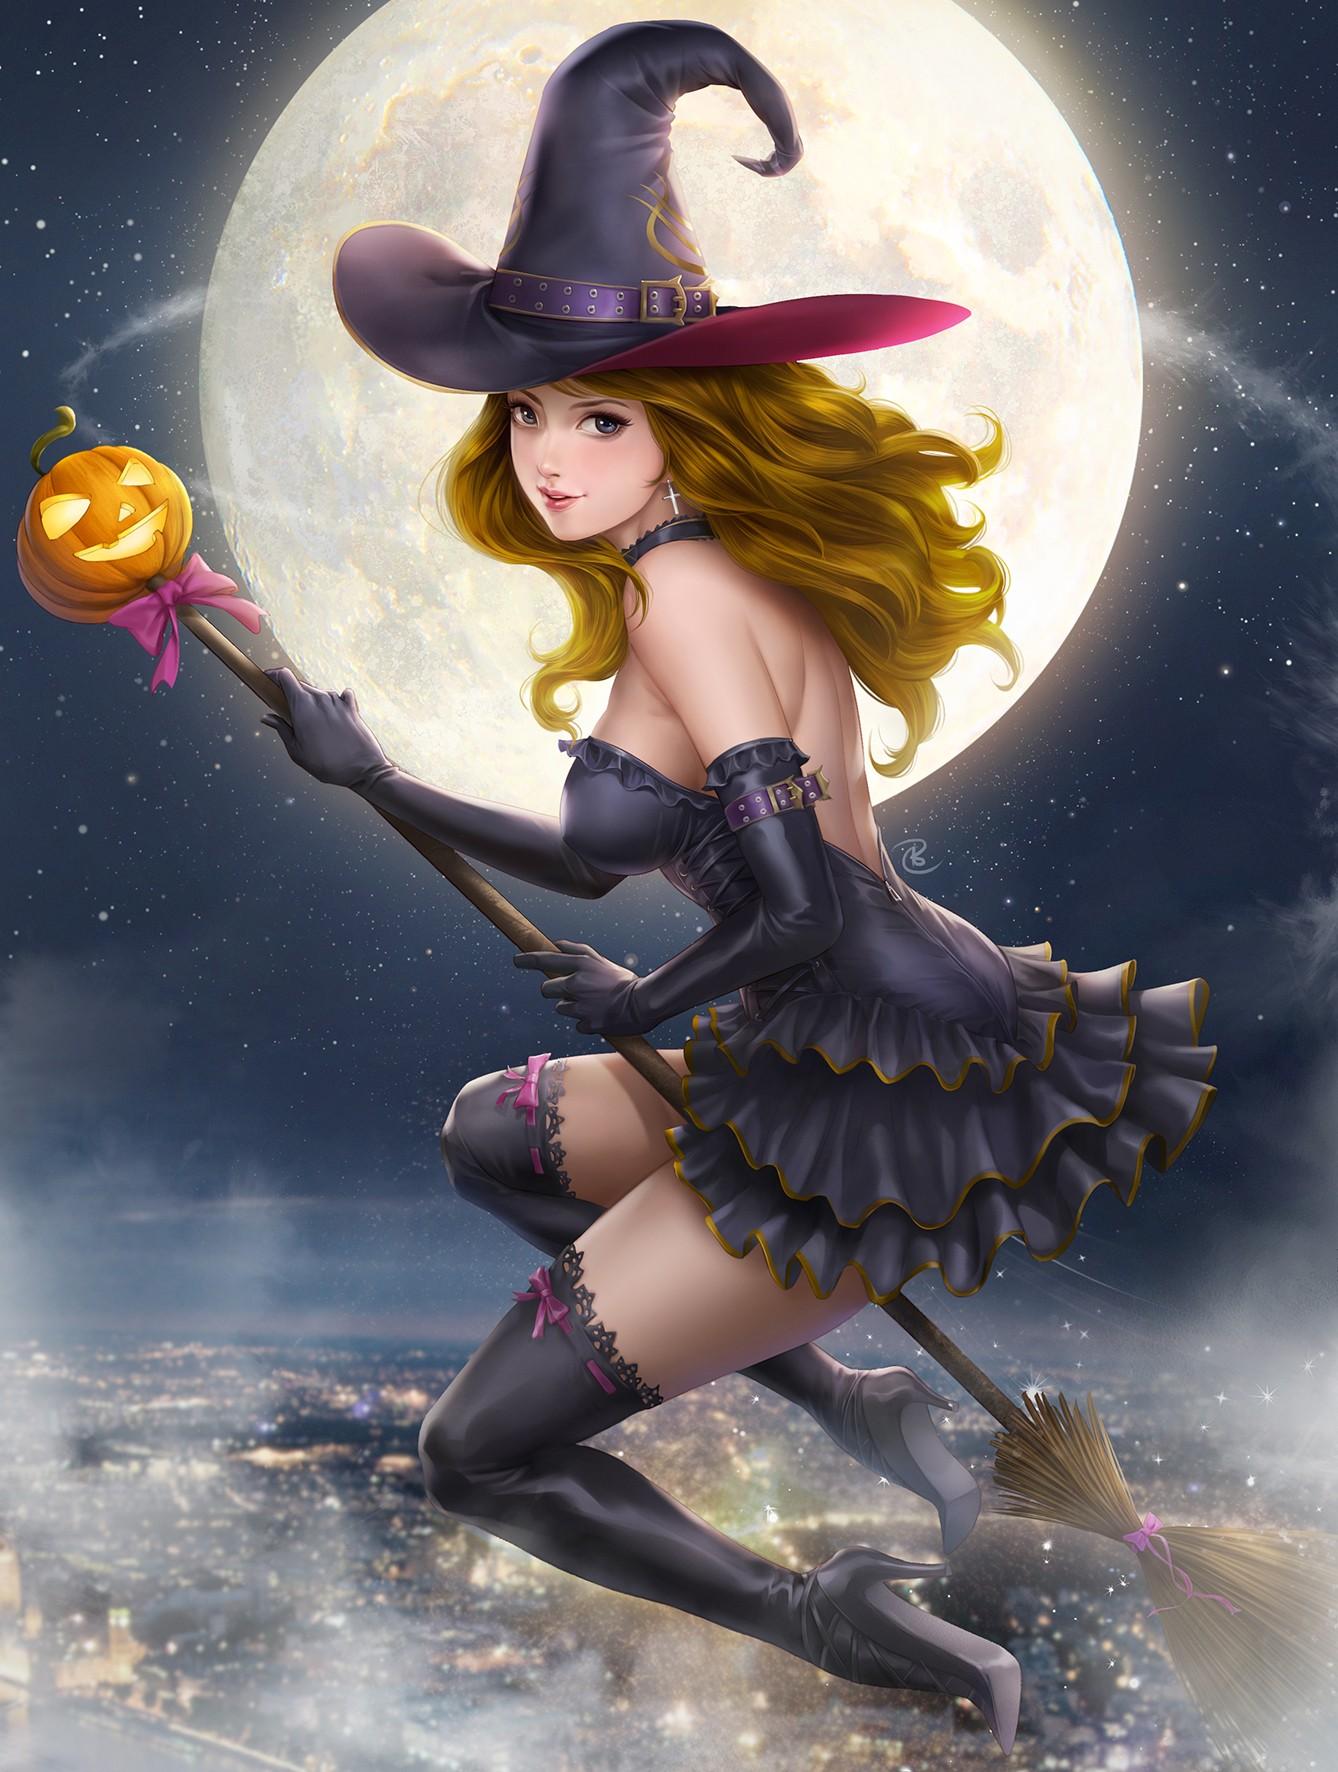 Картинки ведьмочек девочек